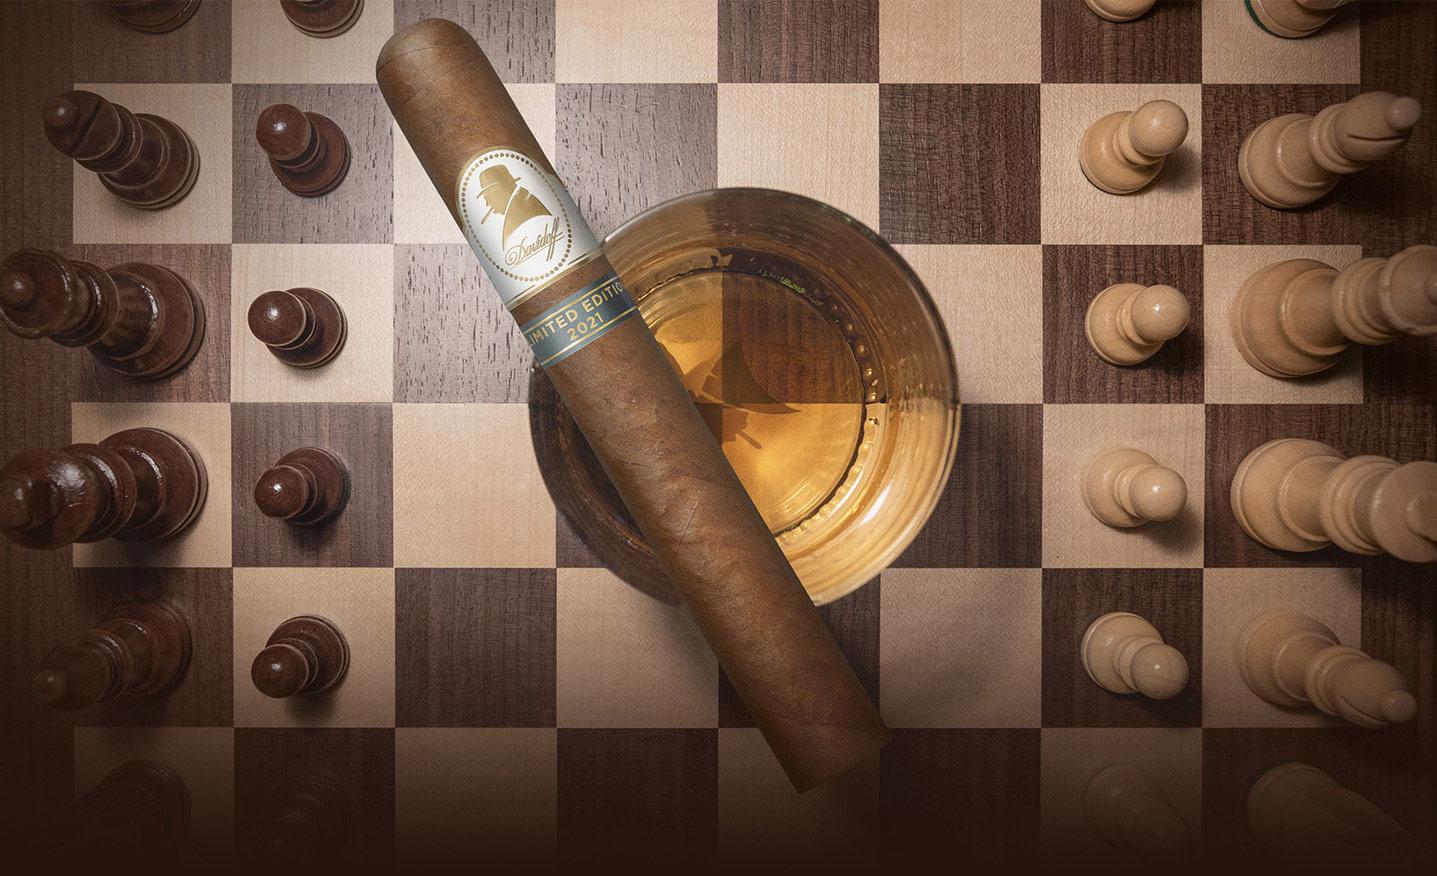 Die Davidoff Winston Churchill Zigarre 2021 Limited Edition mit einem Glas Whisky